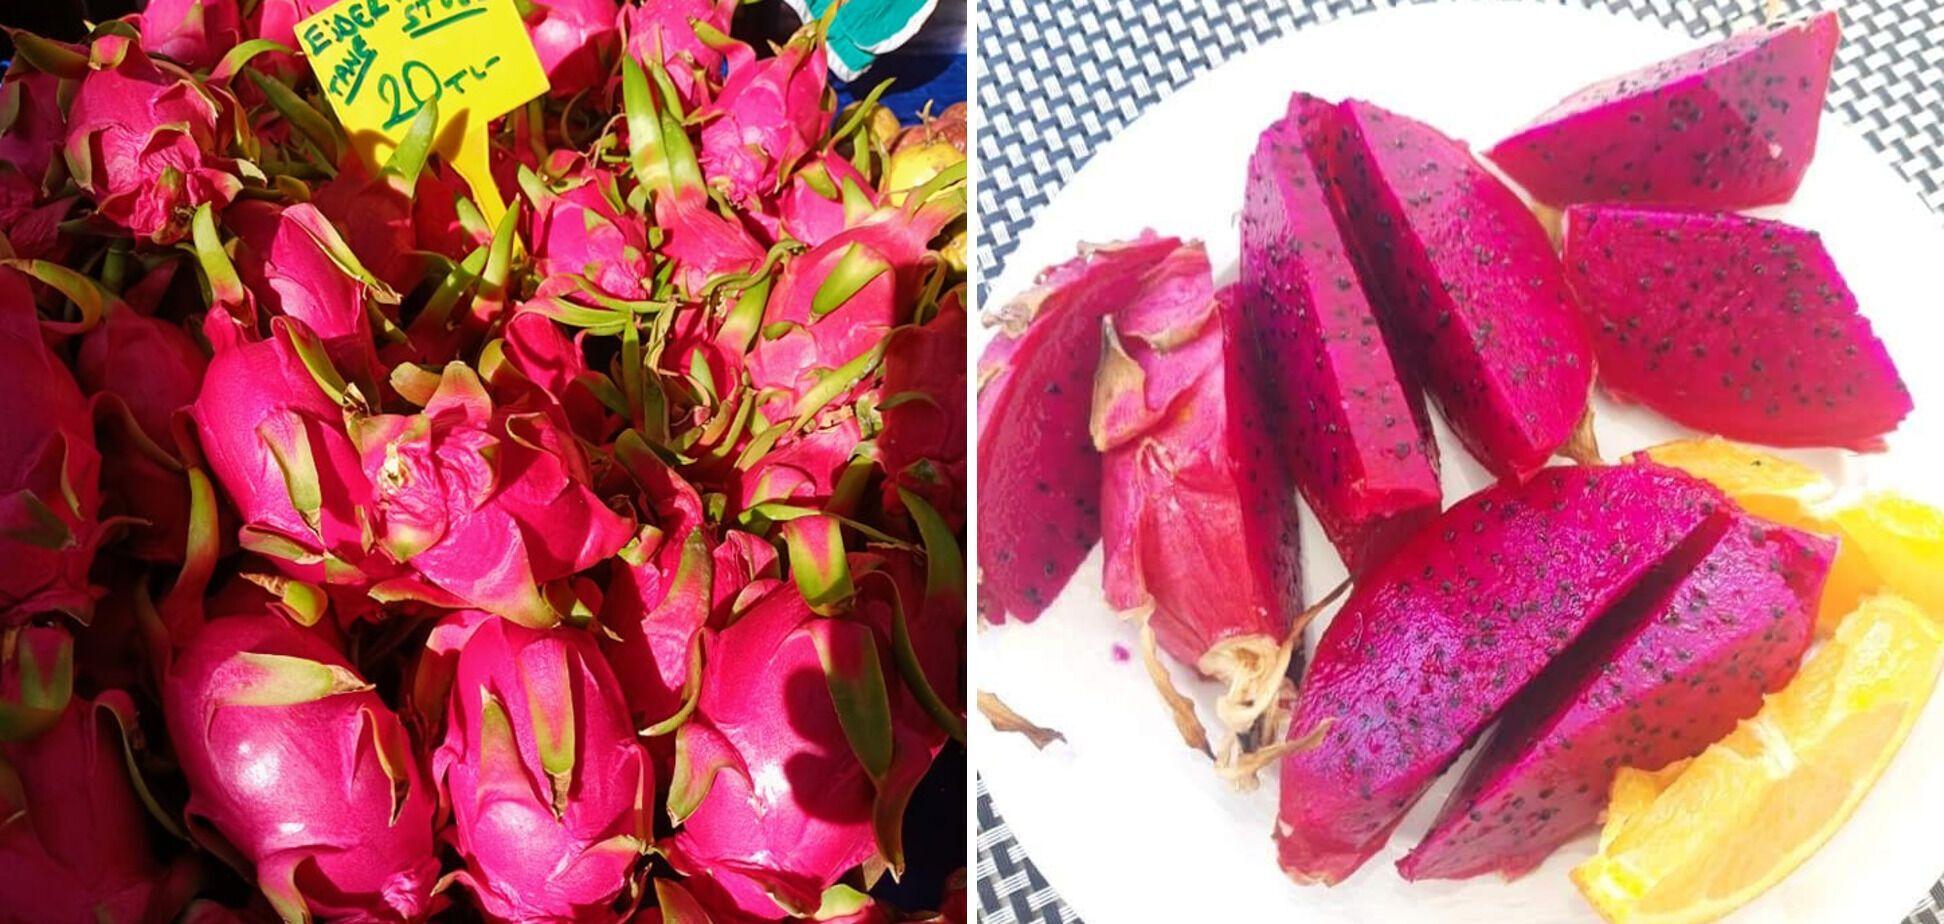 Еще недавно питахайя была экзотикой для Турции, но уже и ее выращивают местные аграрии. Продают примерно по 60 гривен за штуку.